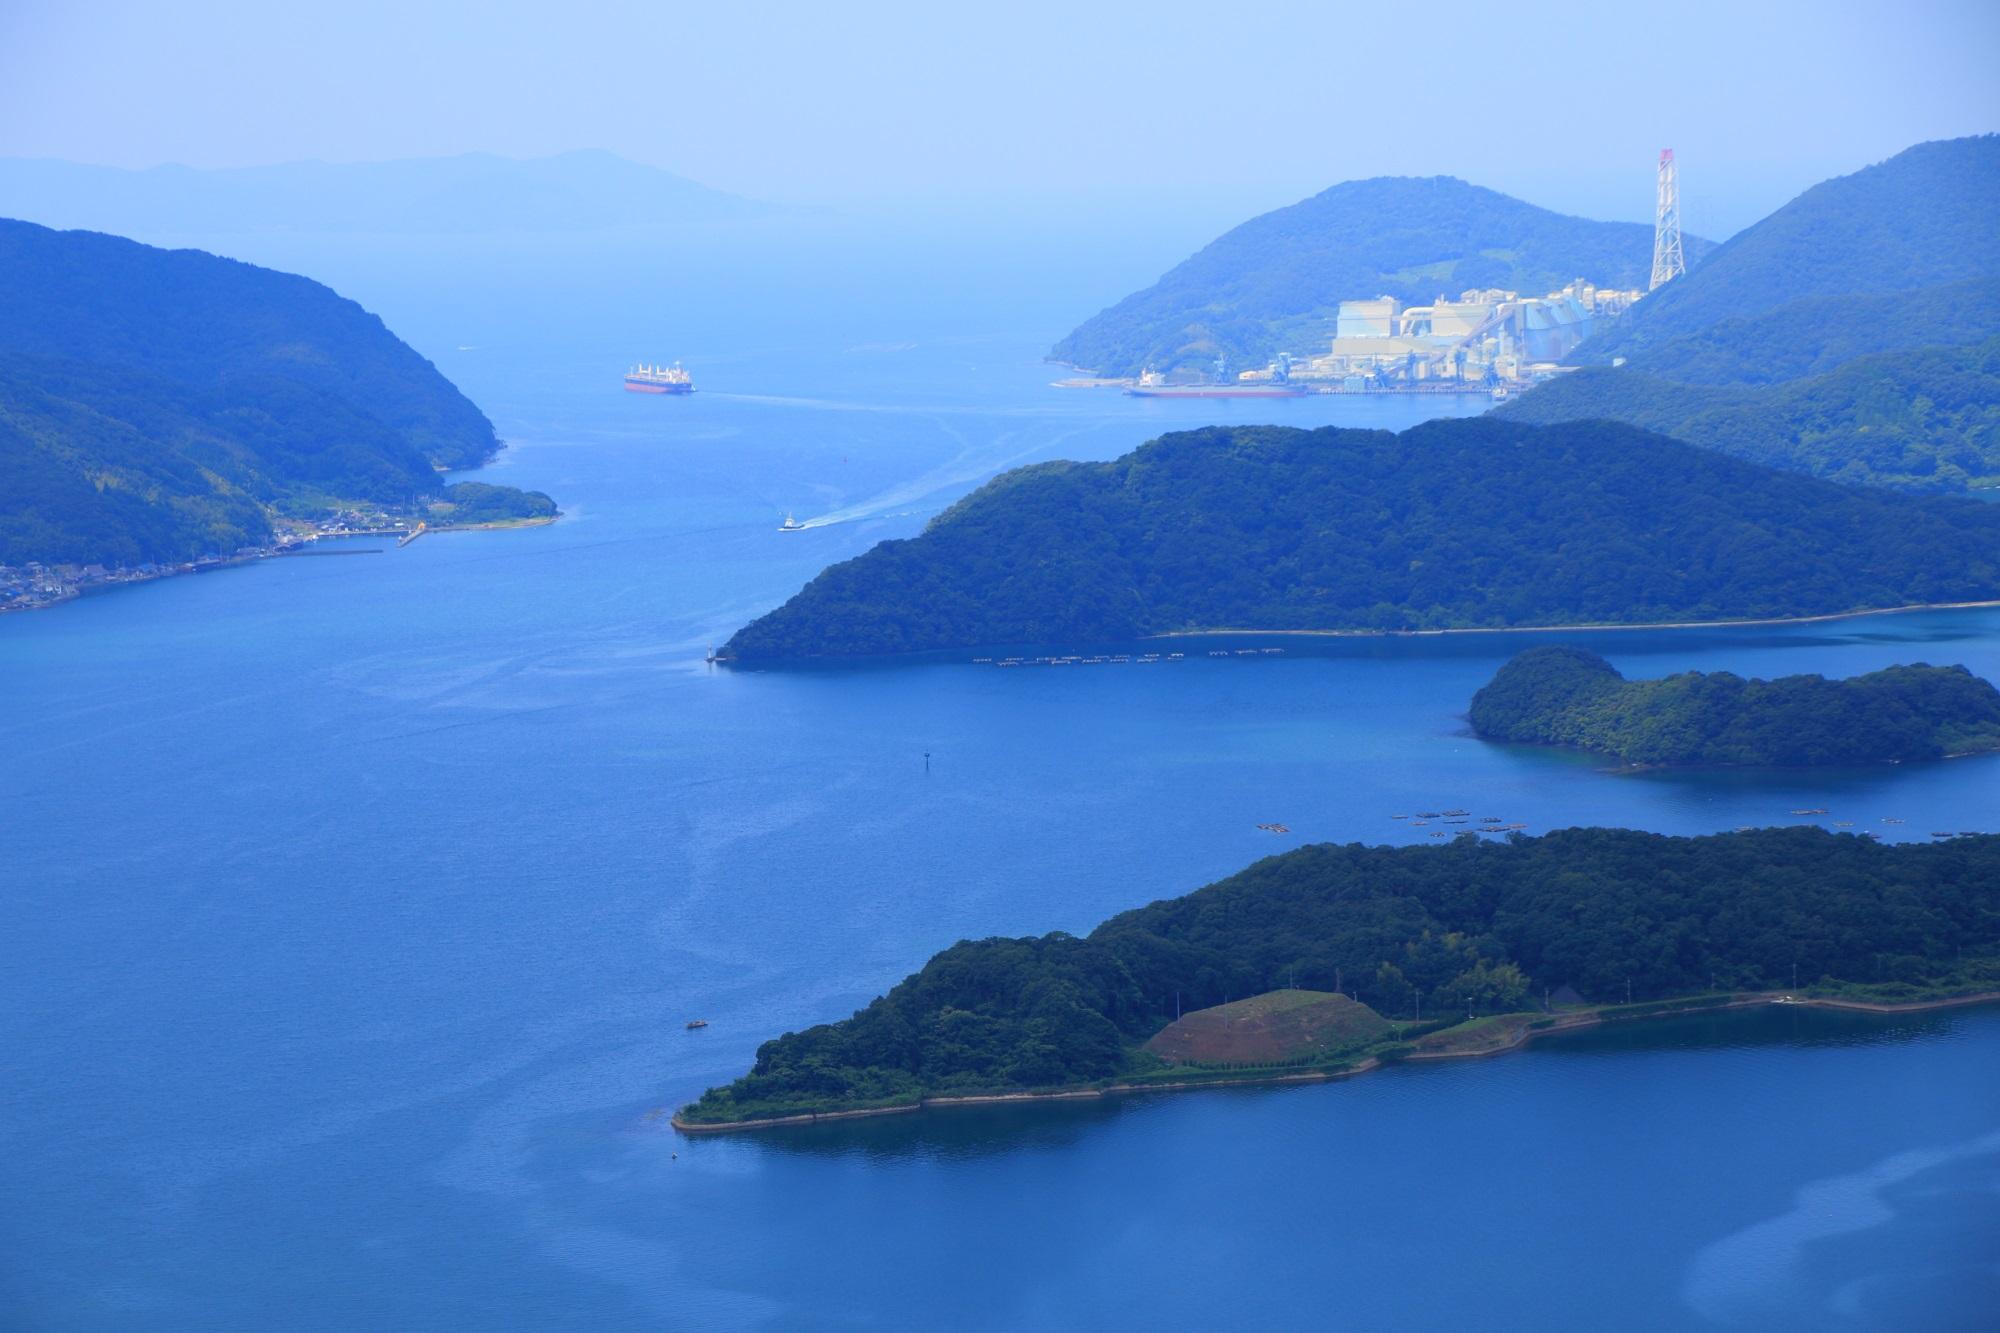 眼下に広がる舞鶴湾と見事な島々や山々